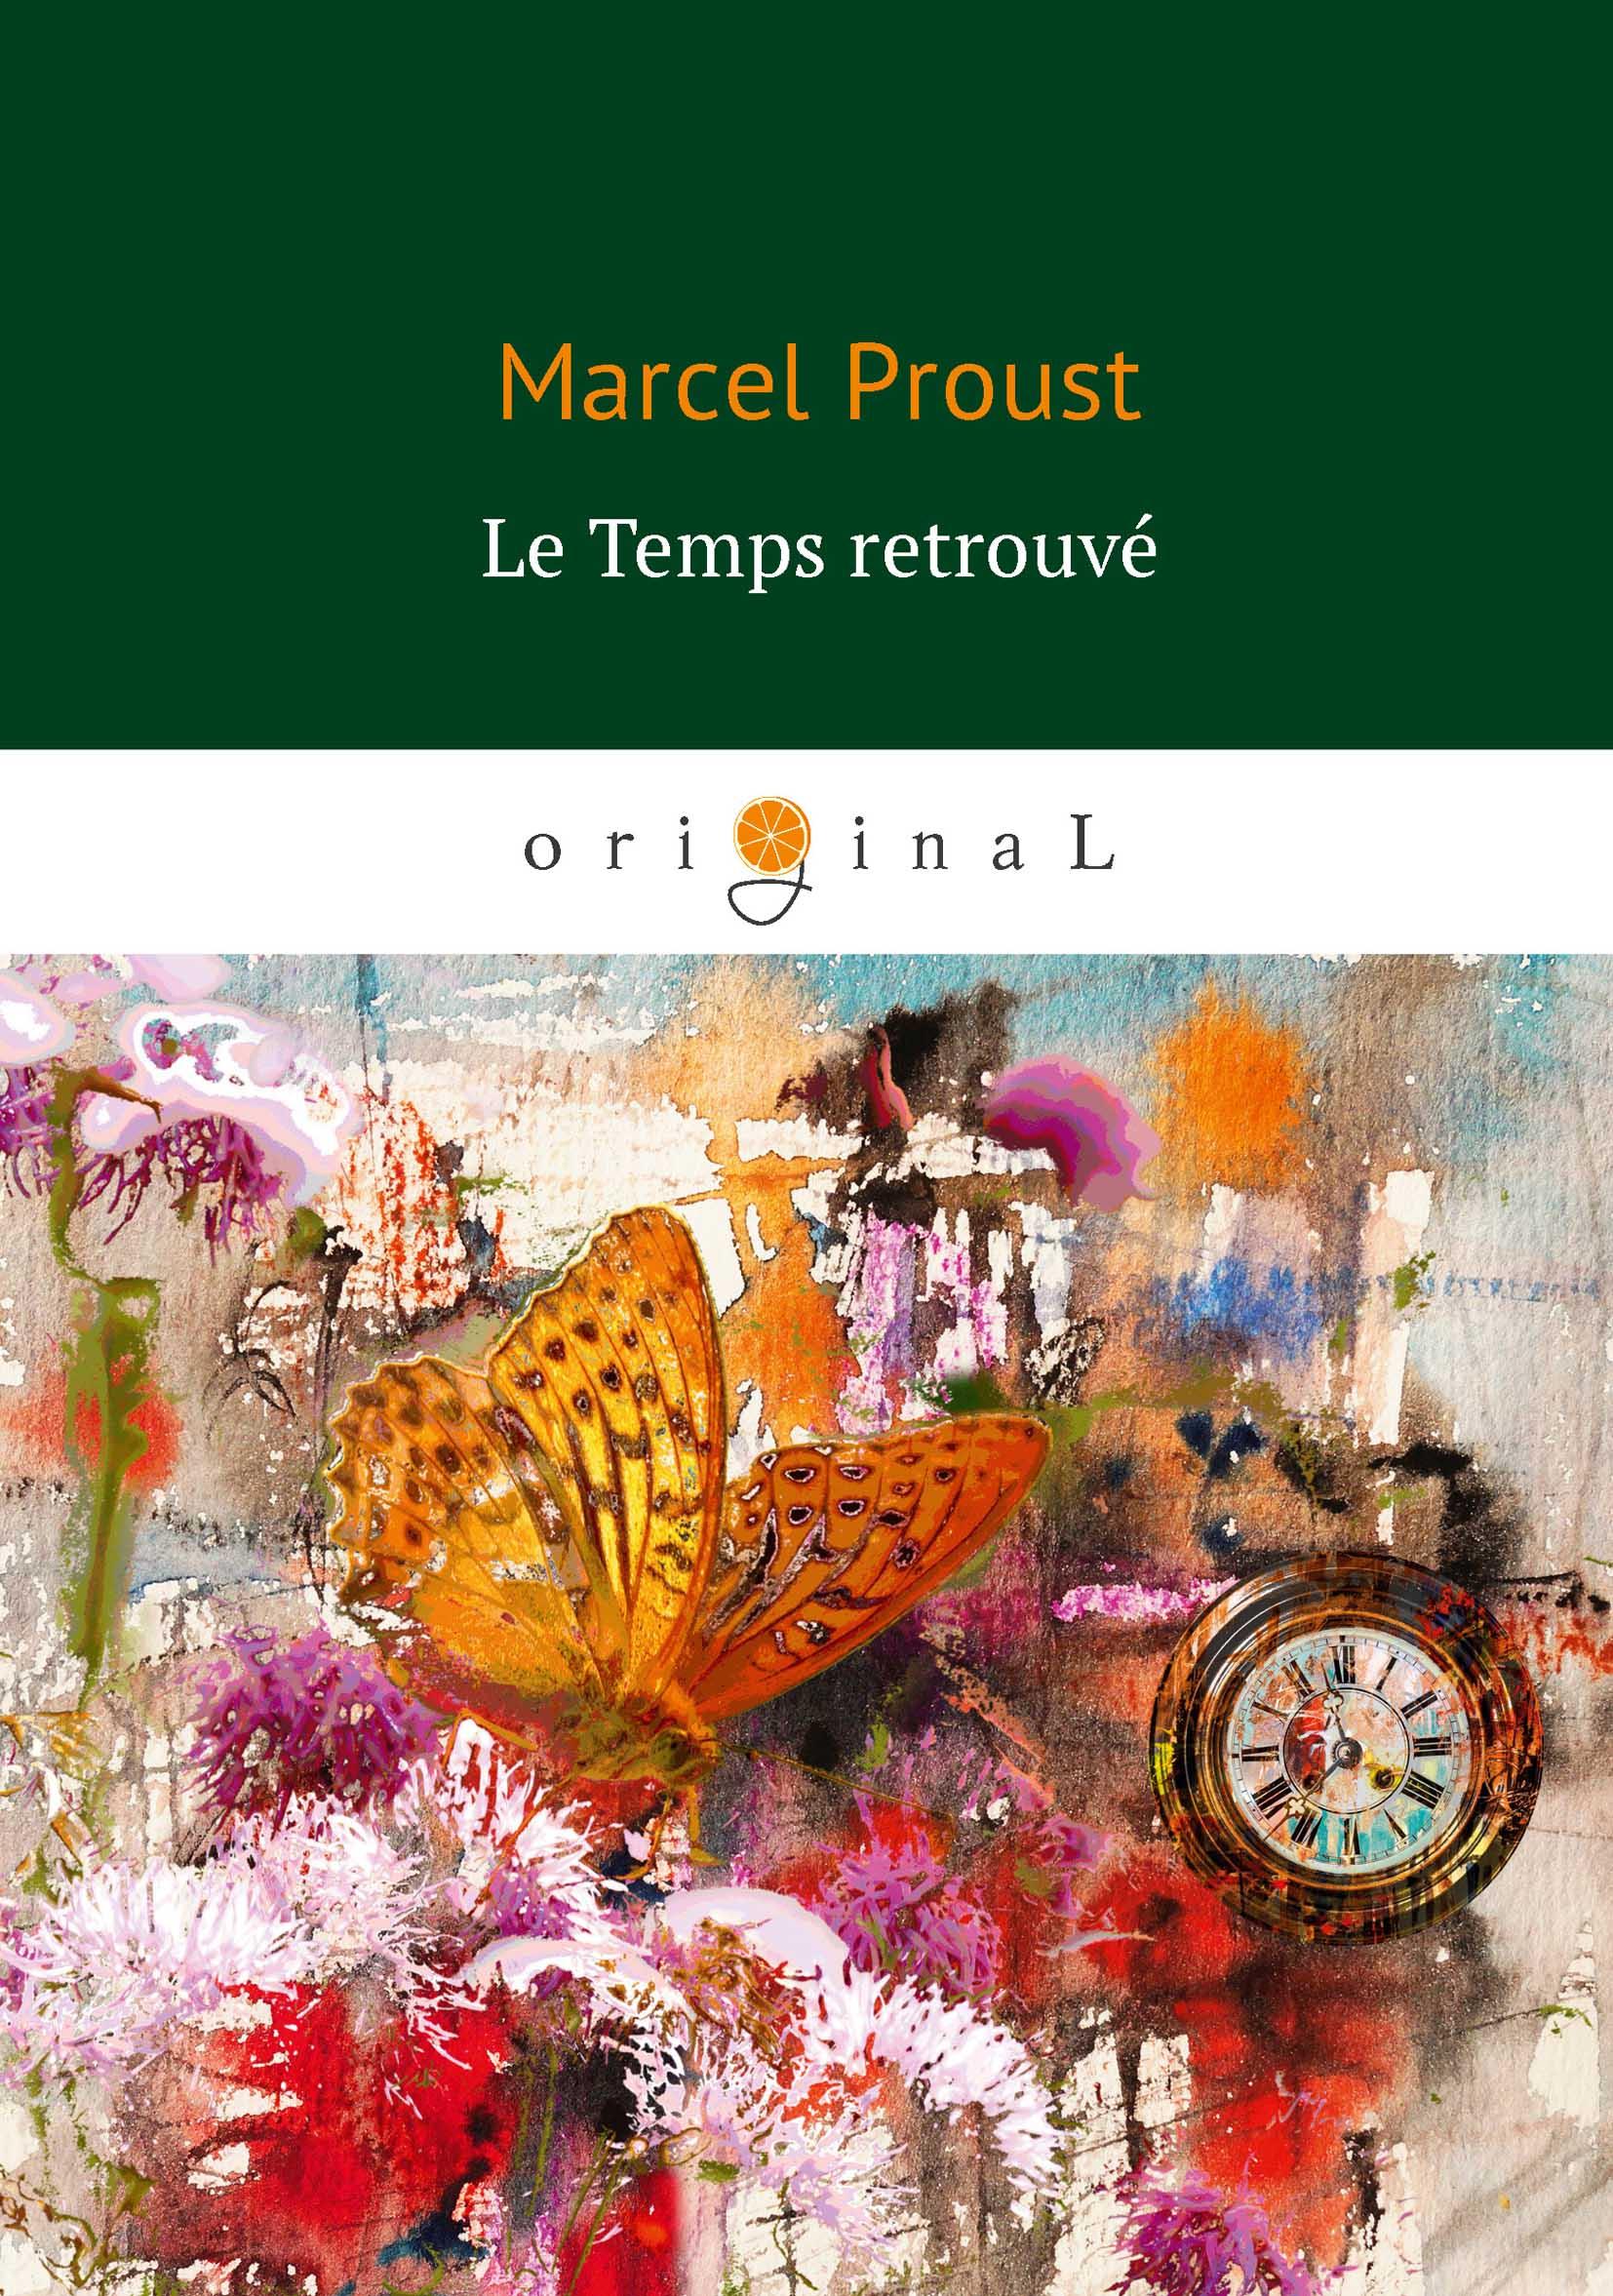 Marcel Proust Le Temps retrouve (Обретённое время) marcel proust du cote de chez swann